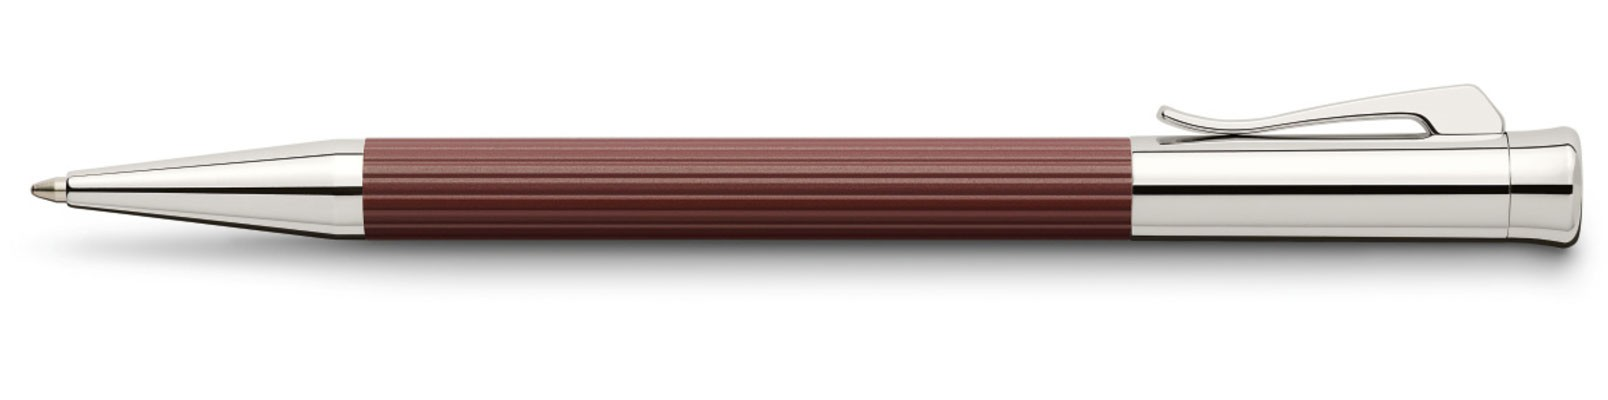 Шариковая ручка Graf von Faber-Castell Tamitio Marsala